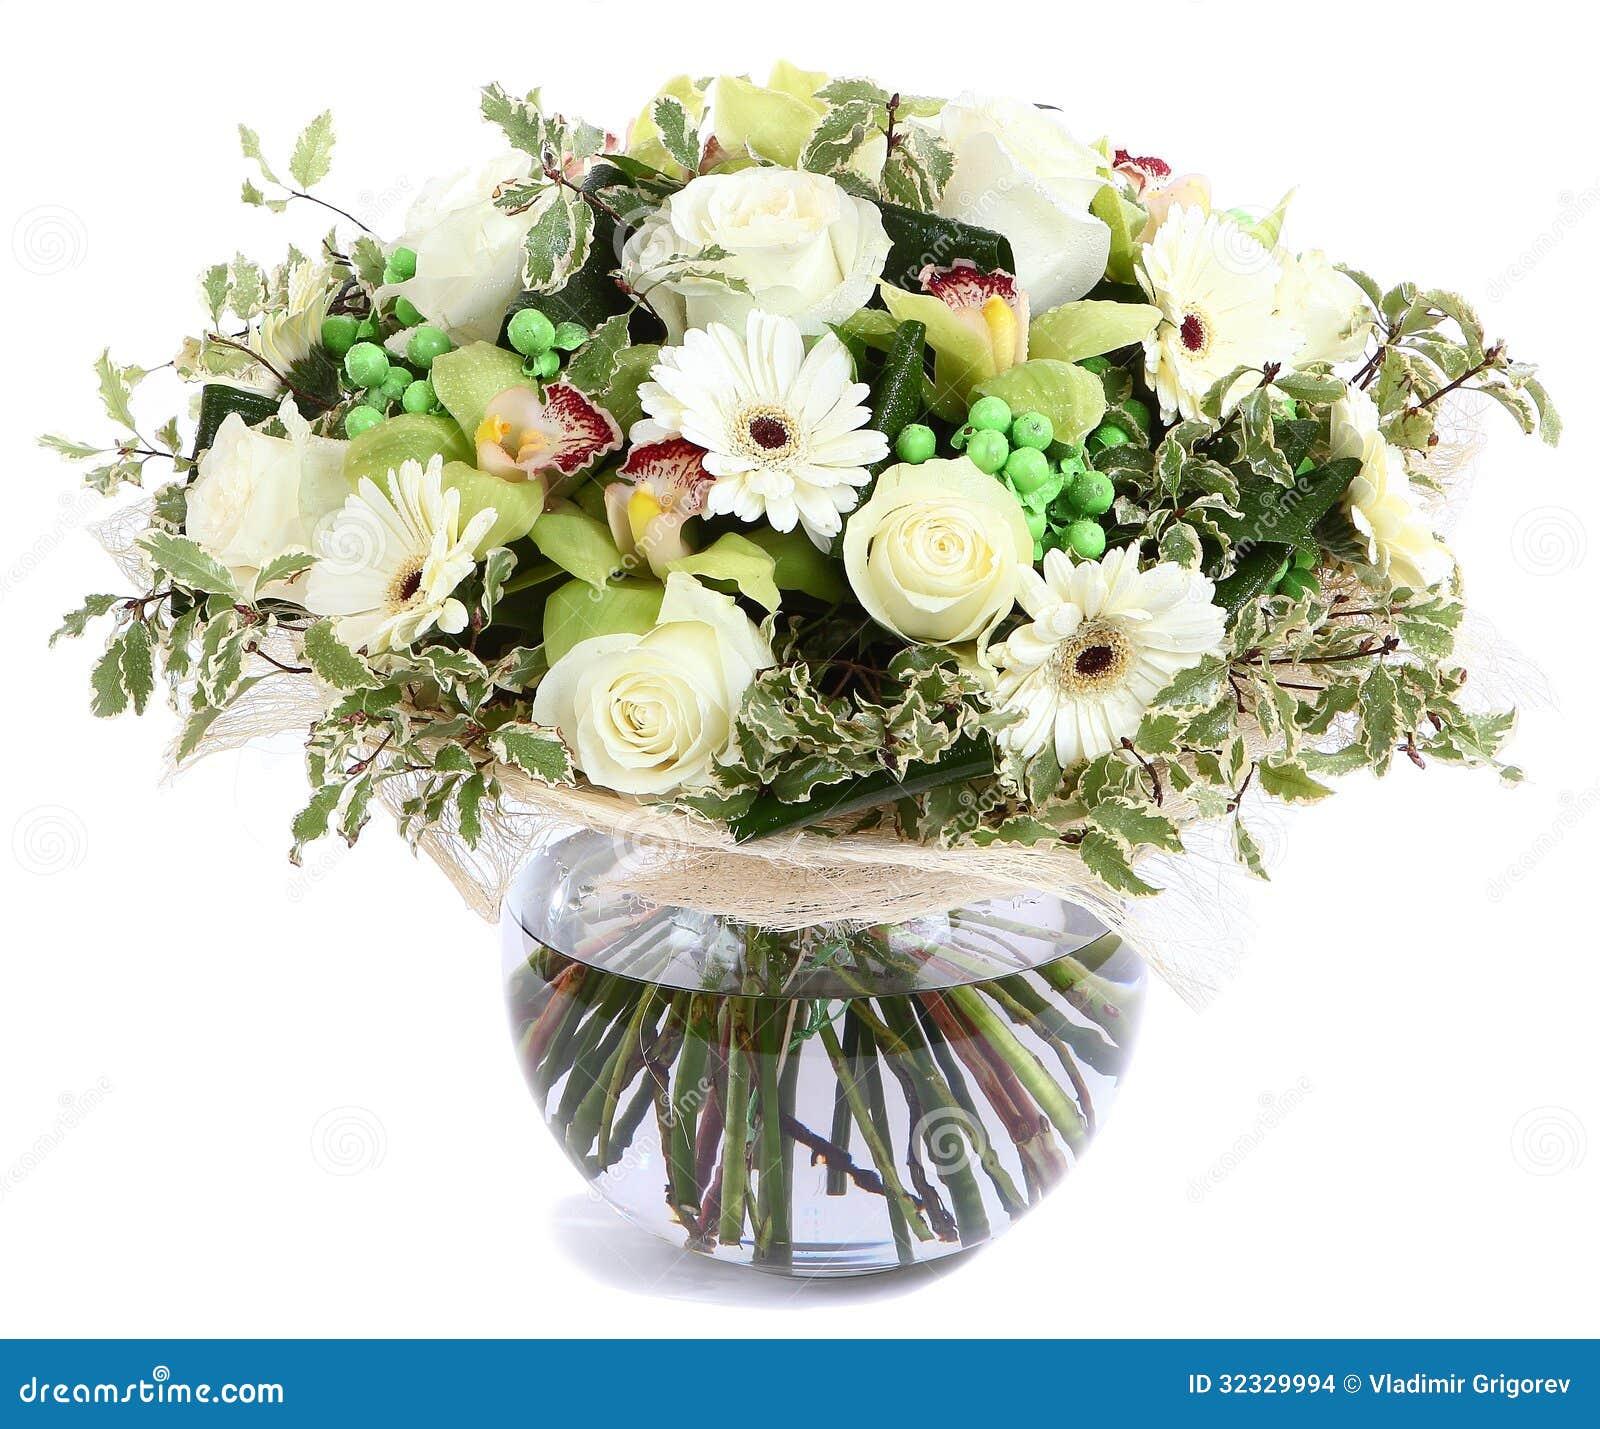 Composition florale en verre vase transparent roses blanches orchid es marguerites blanches - Composition florale vase en verre ...